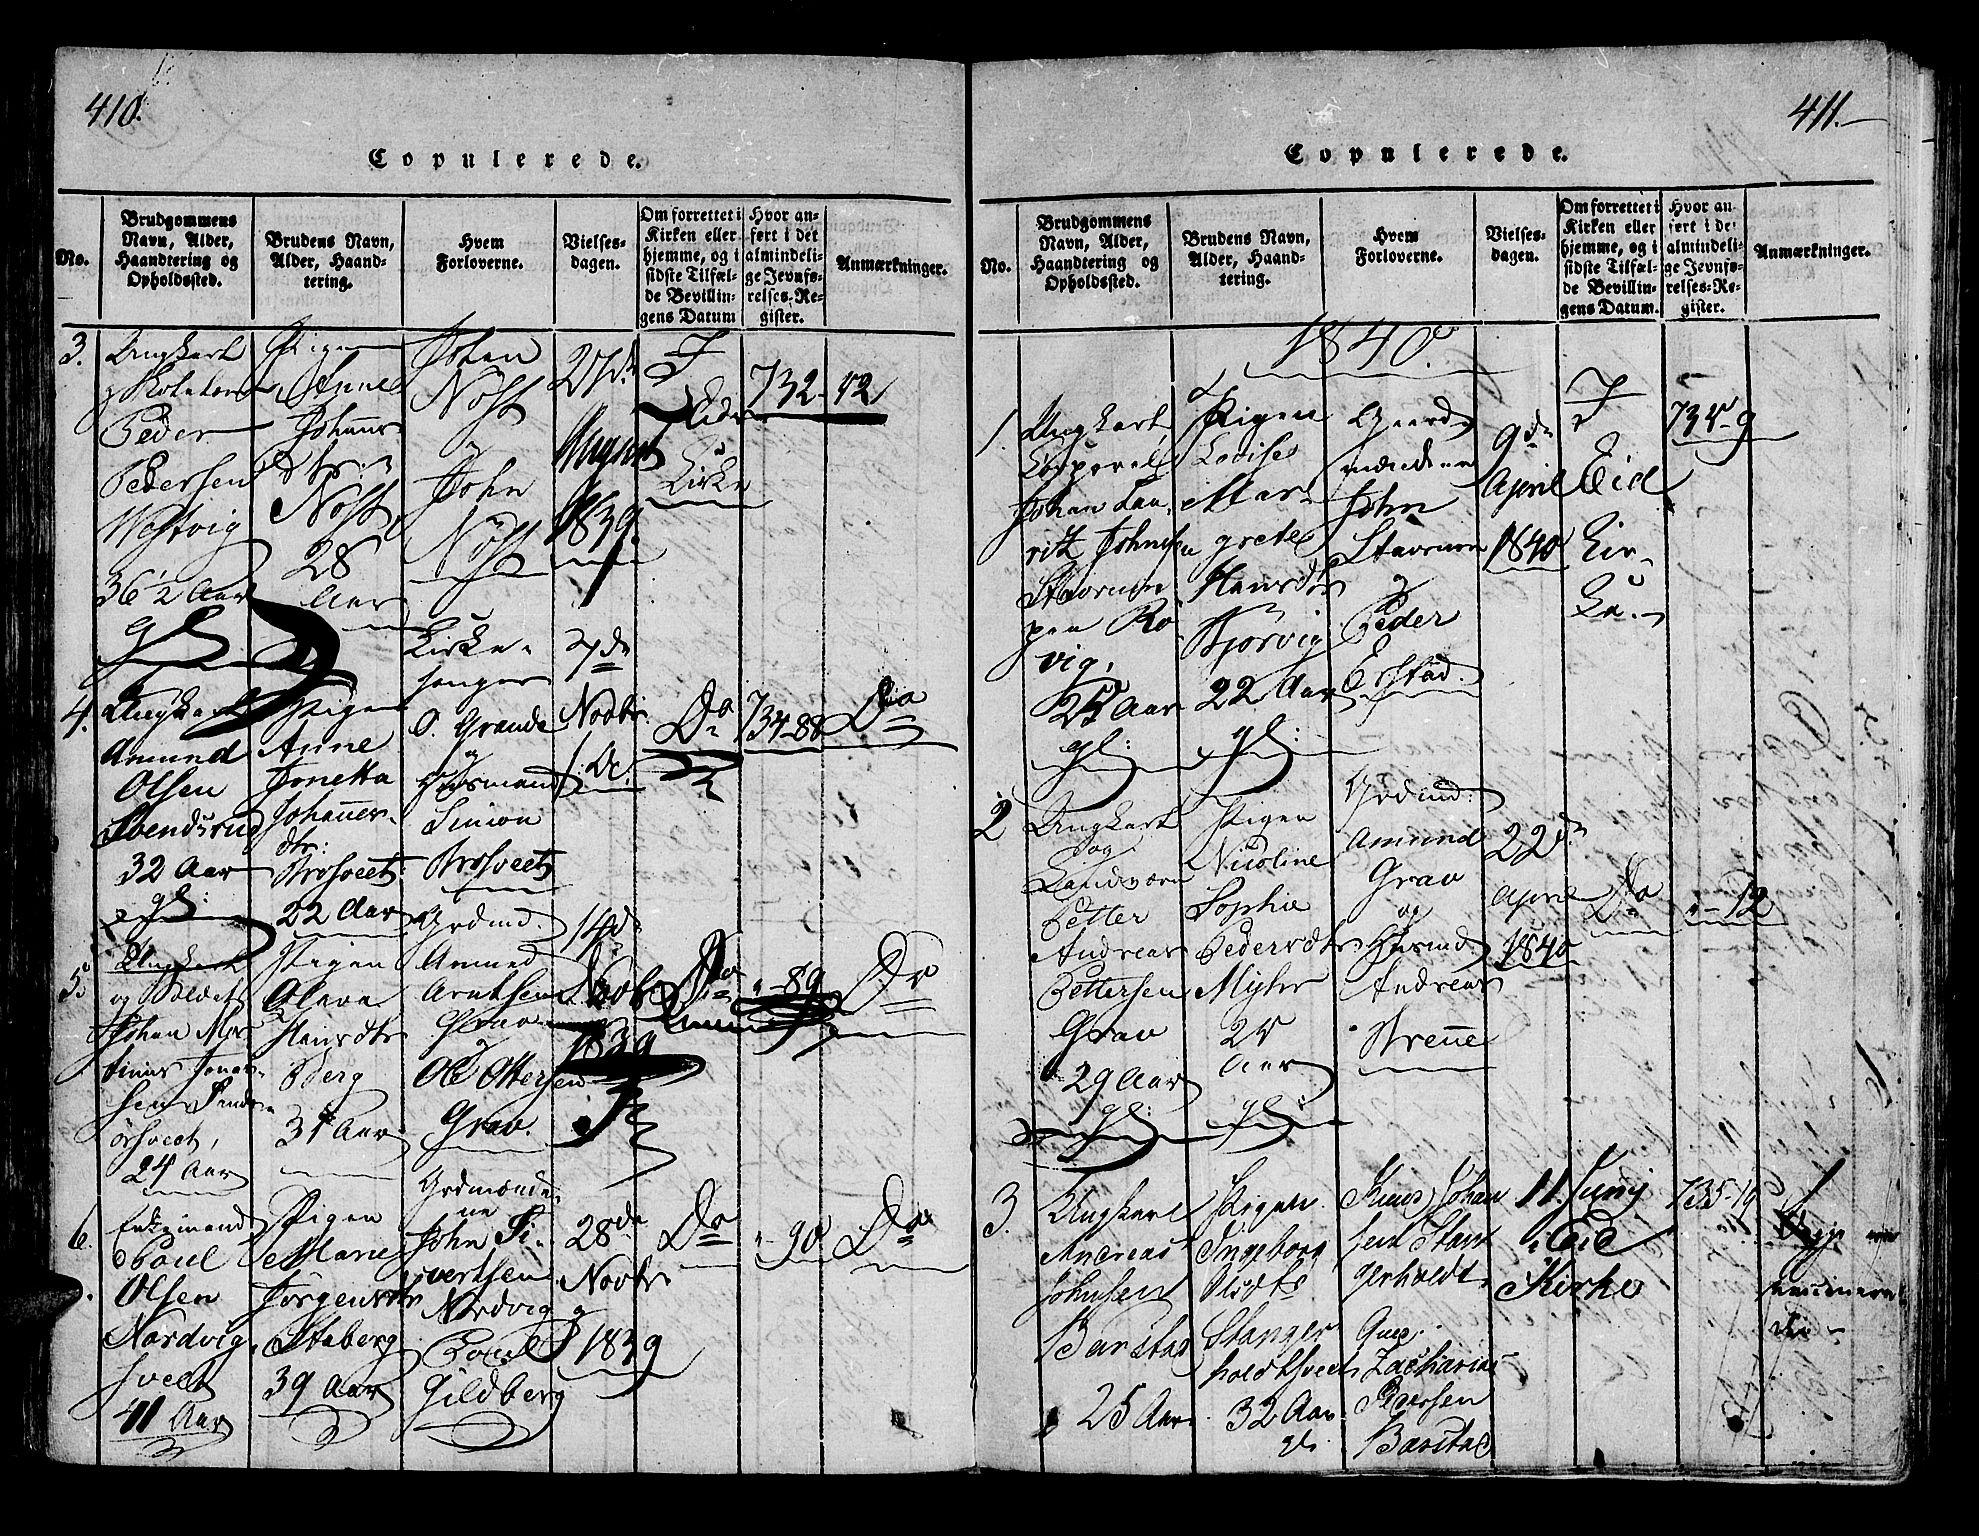 SAT, Ministerialprotokoller, klokkerbøker og fødselsregistre - Nord-Trøndelag, 722/L0217: Ministerialbok nr. 722A04, 1817-1842, s. 410-411